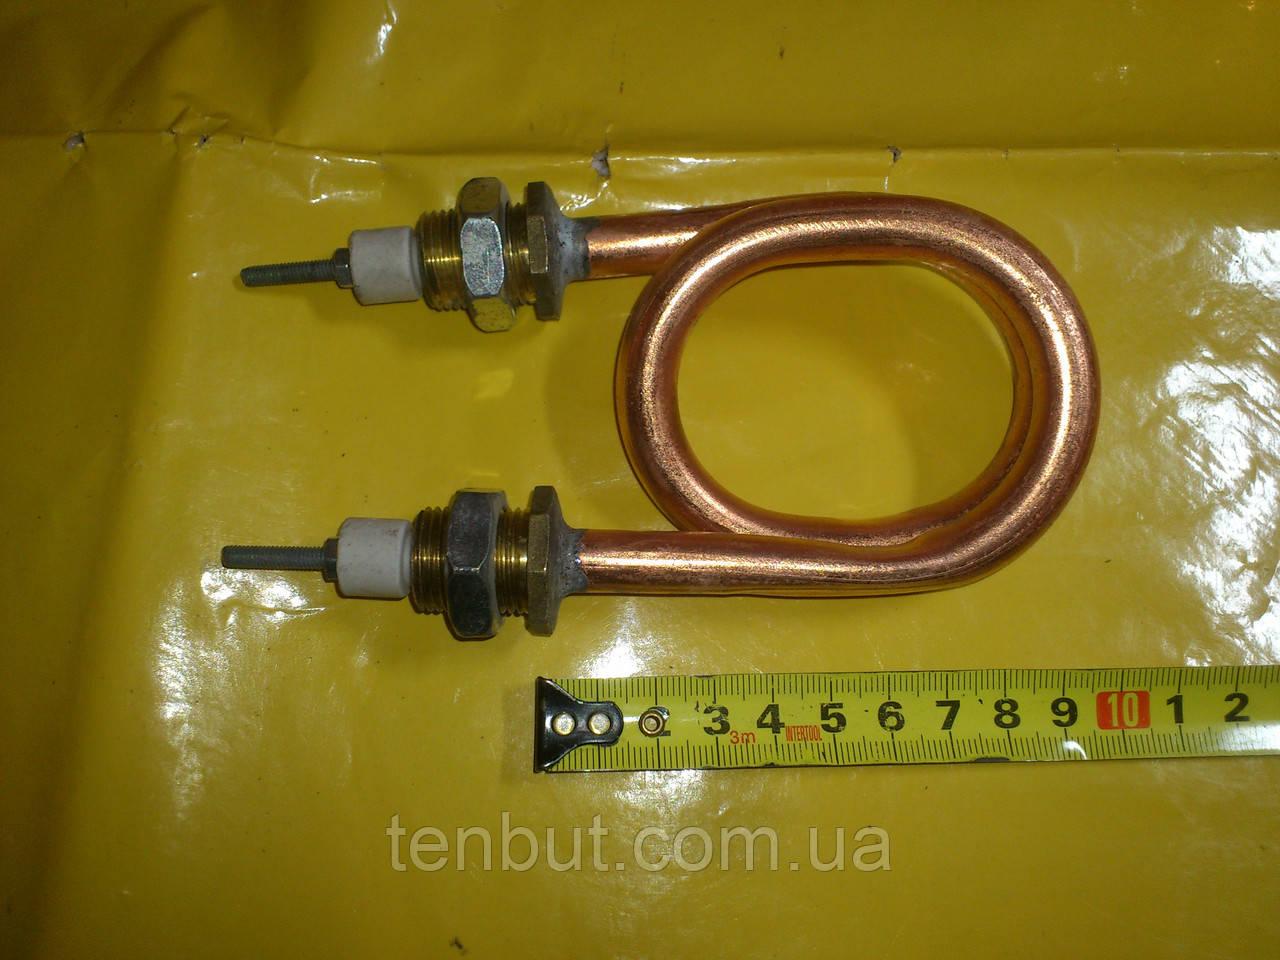 Мідний тен скріпка для дистиллированния води 1.0 кВт. / 220 Ст. різьба м-18 мм. Україна .